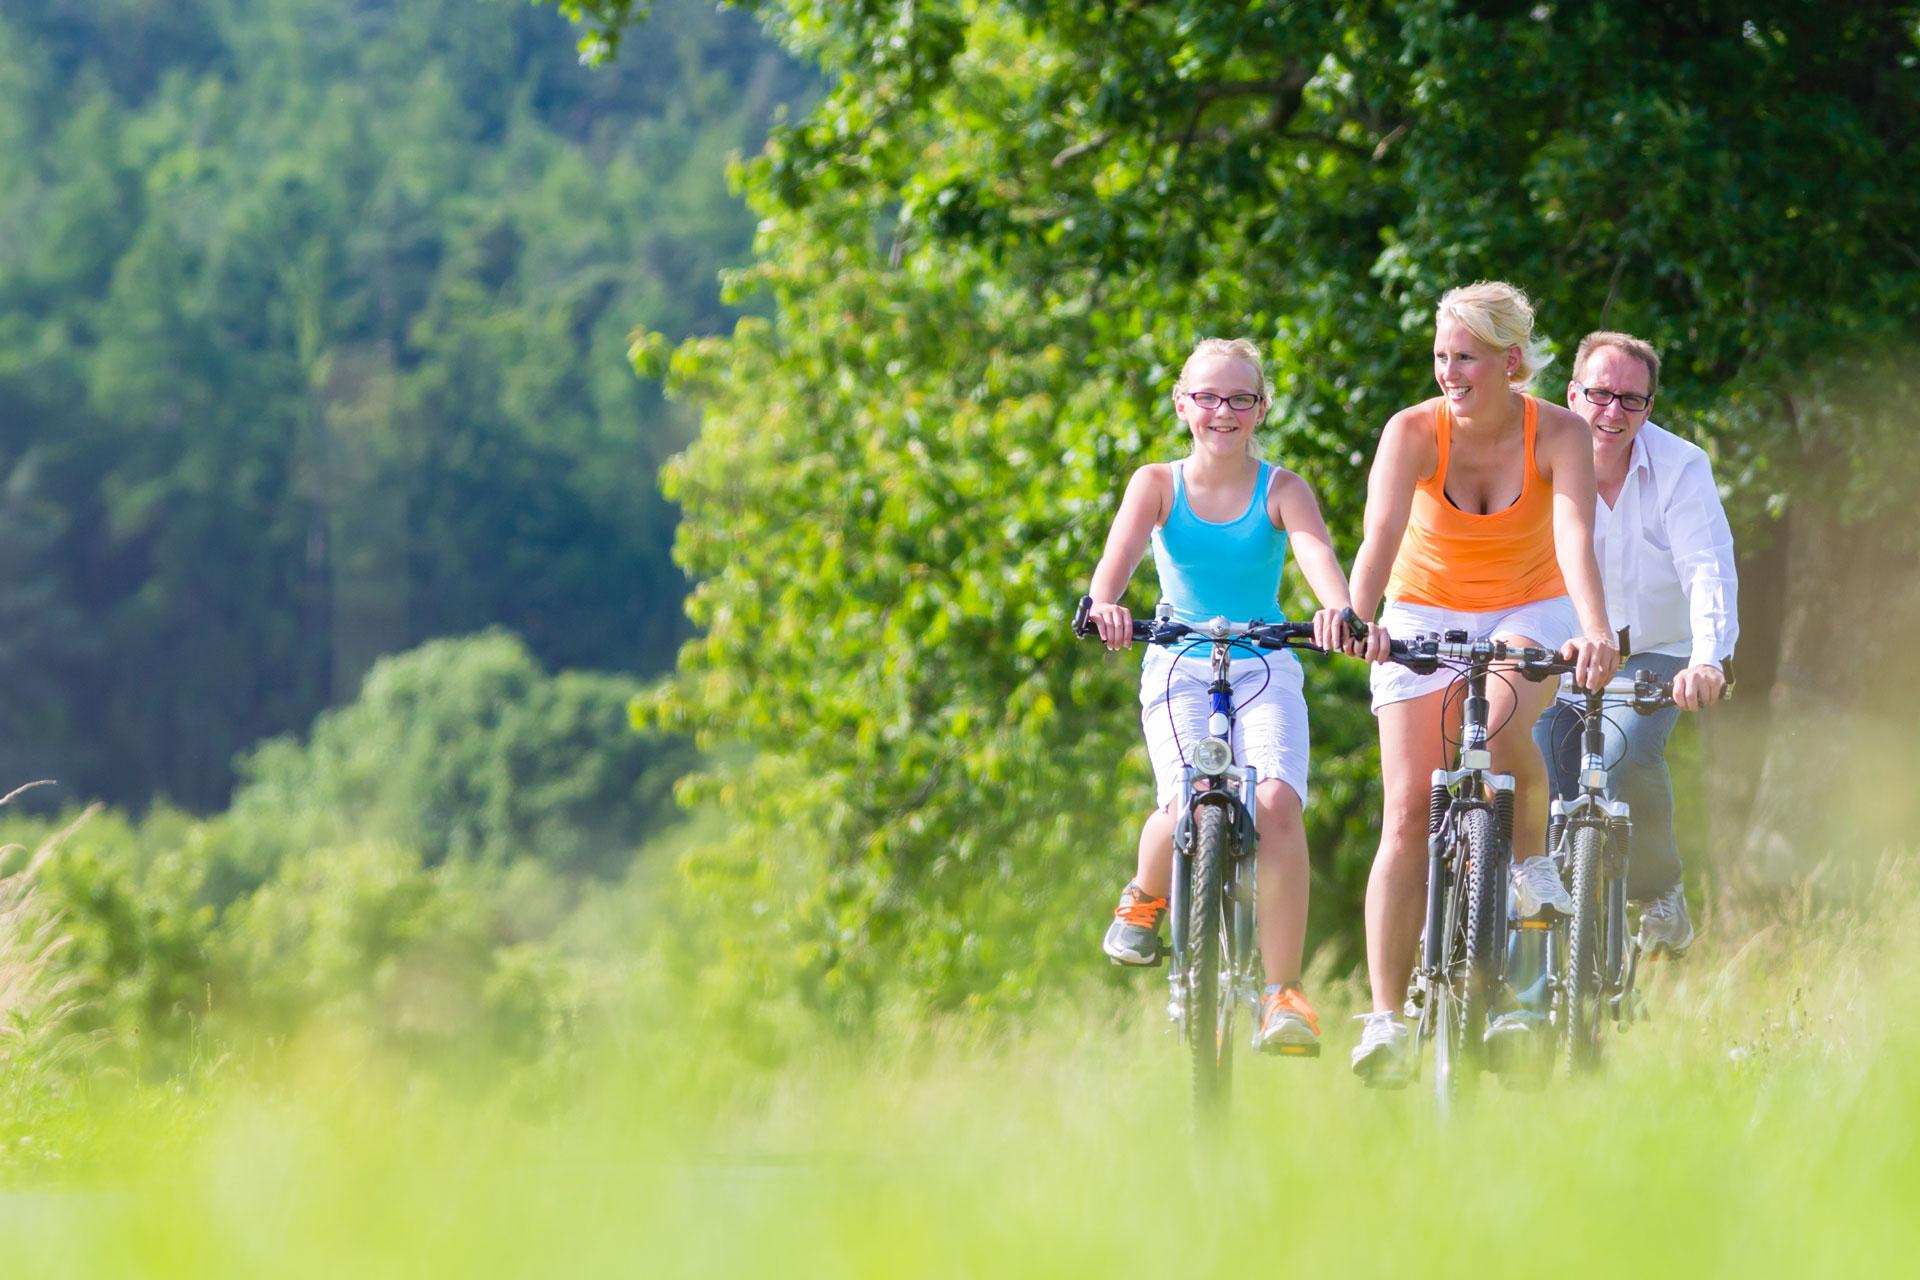 Aangenaam fietsen<br>voor jong en oud<br />